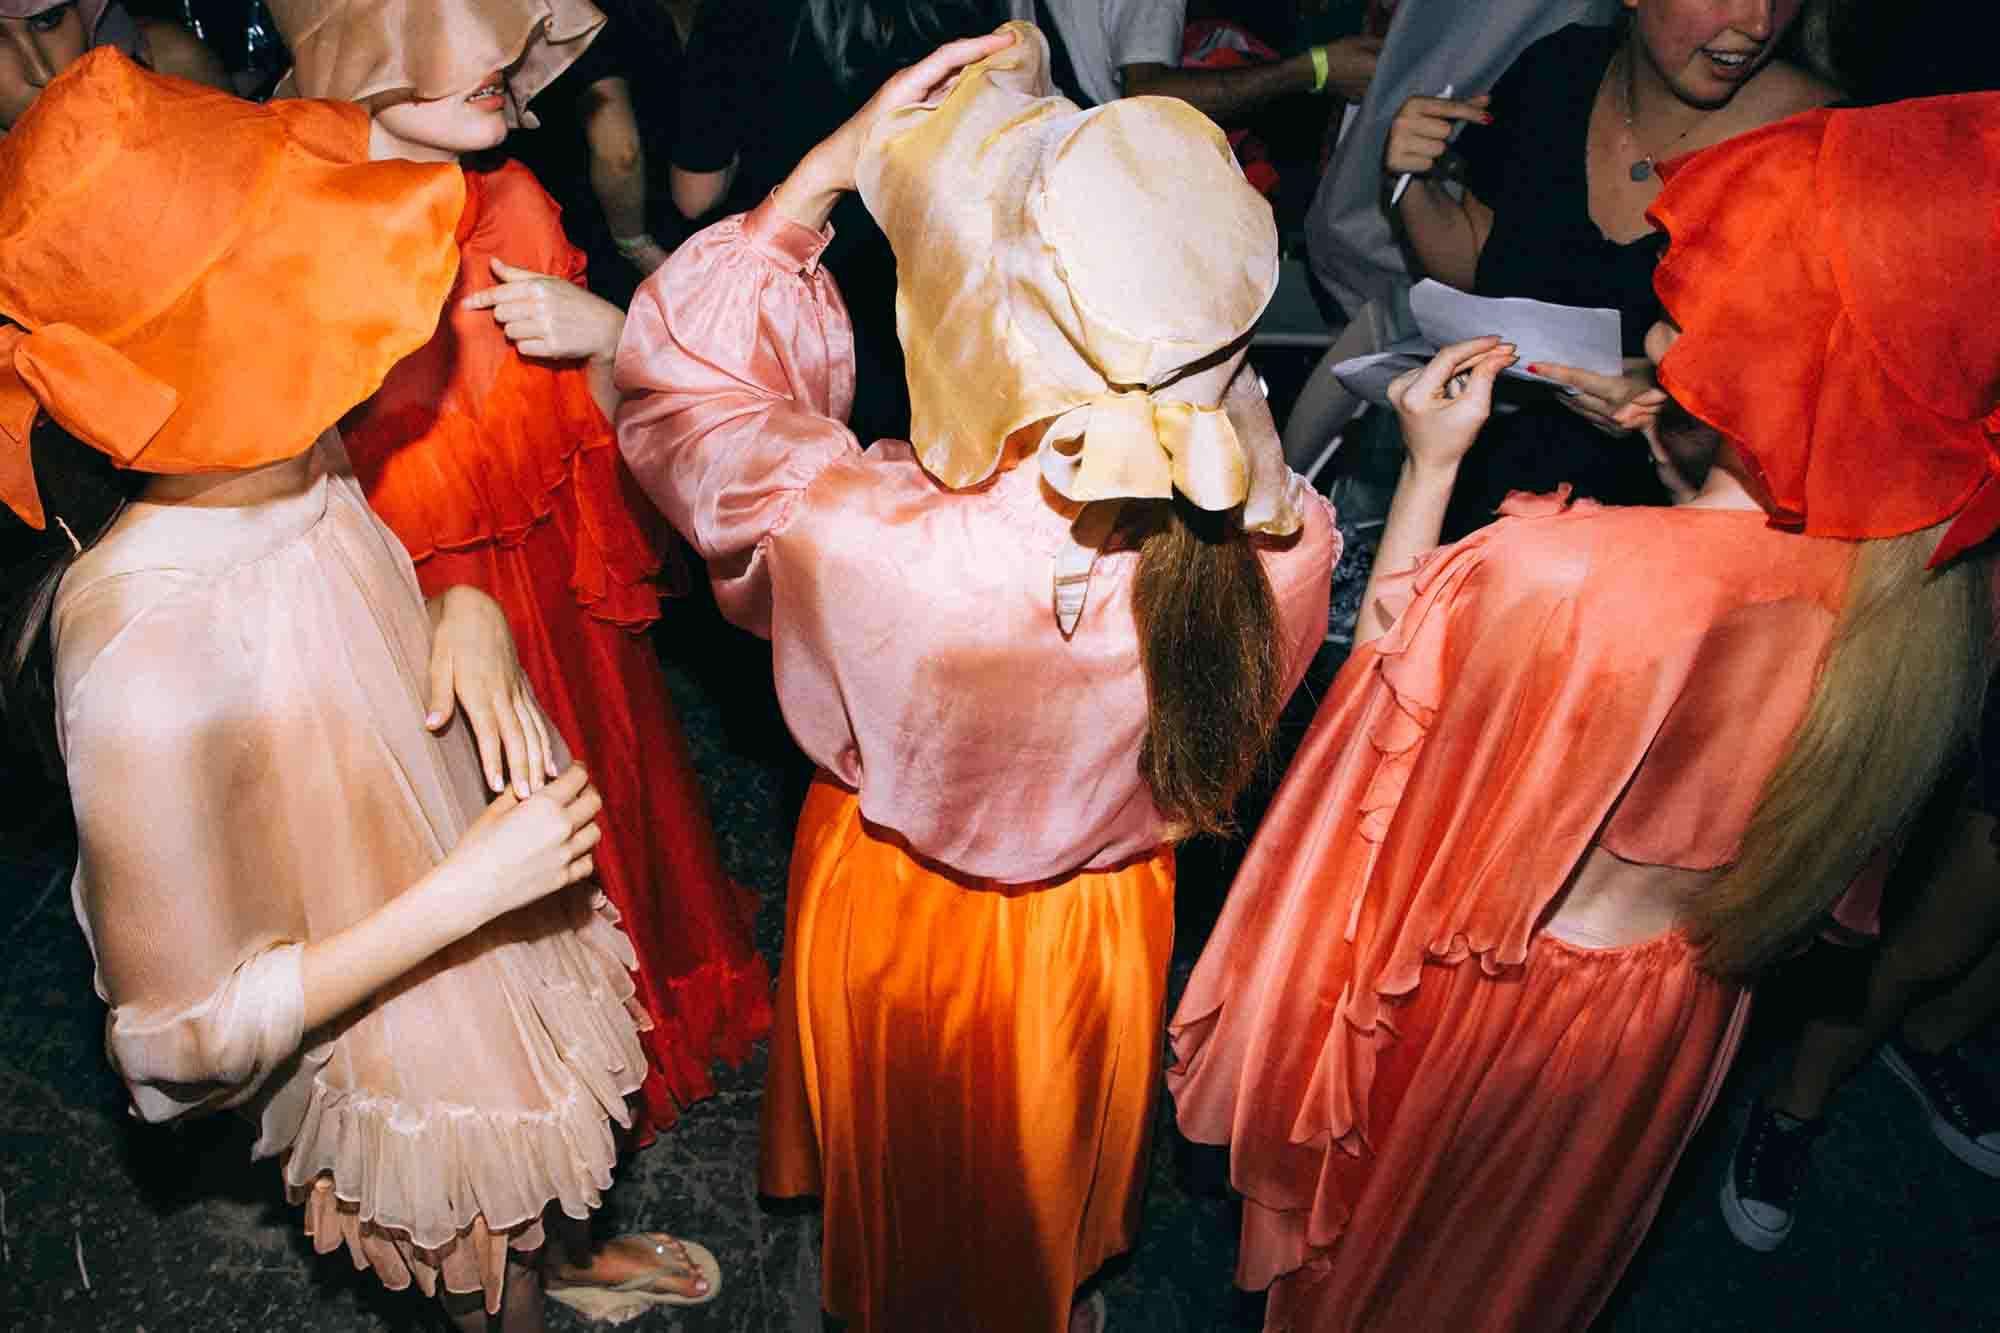 אופנה, חדשות אופנה, כתבות אפנה, שנקר 2019, צילום עדי סגל, נופר רפאלי, Backstage_at_Shenkar_fashion_show_2019._Photo_Adi_Segal_-_Nofar_Refaeli_collection_(2) -2